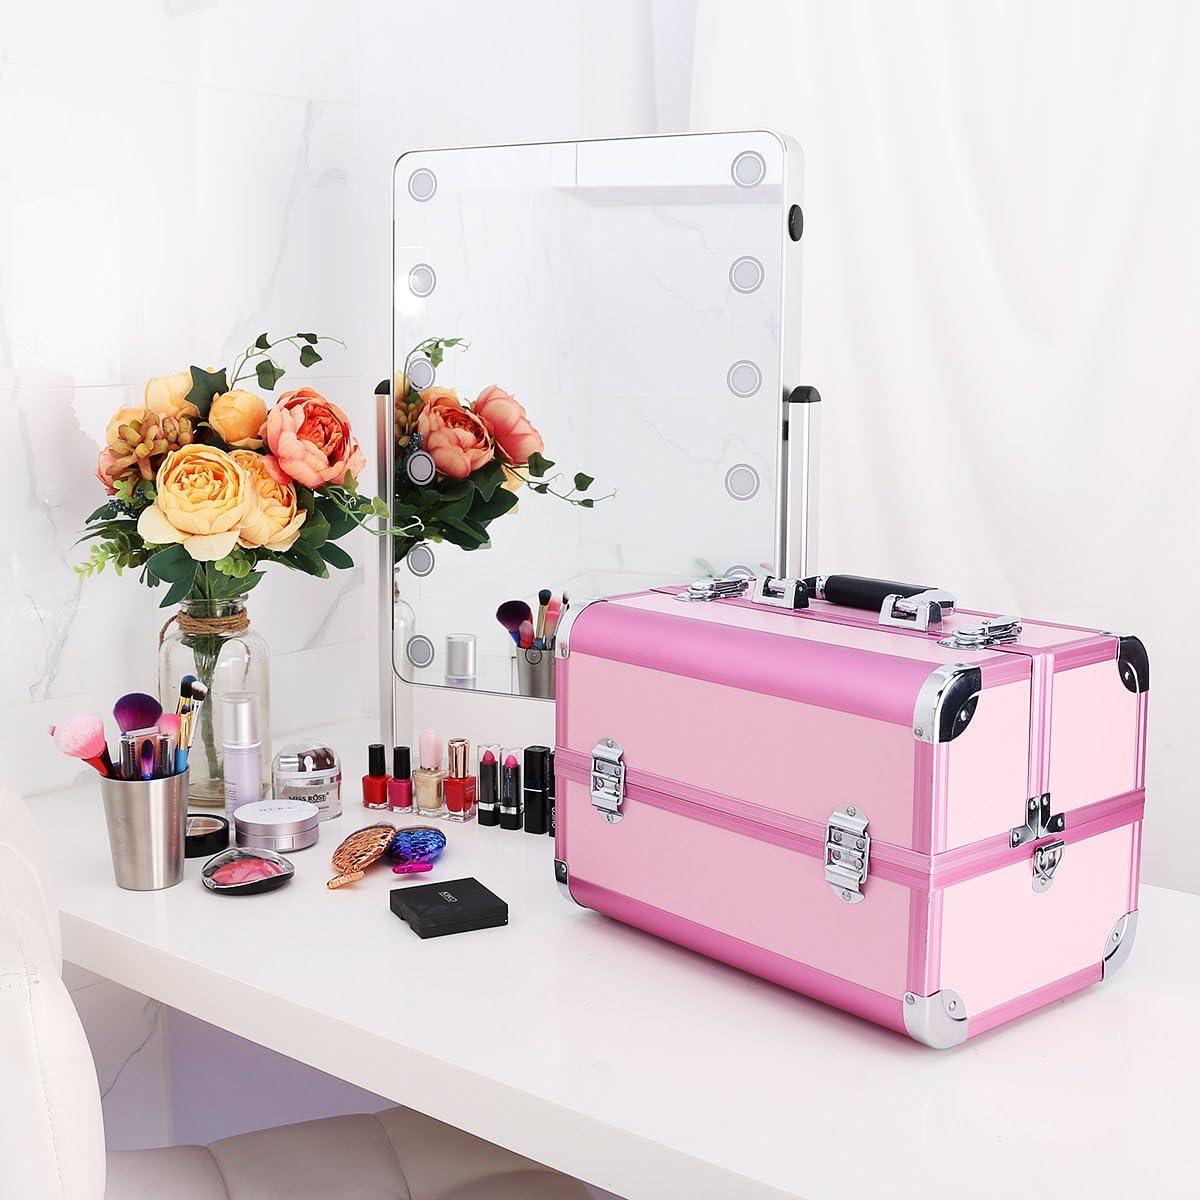 Ovonni Caja Profesional de Maquillaje portátil, Artista Caja de Almacenamiento de Organizador cosmético de Aluminio con 15 Compartimentos, 4 bandejas, Rosa: Amazon.es: Equipaje